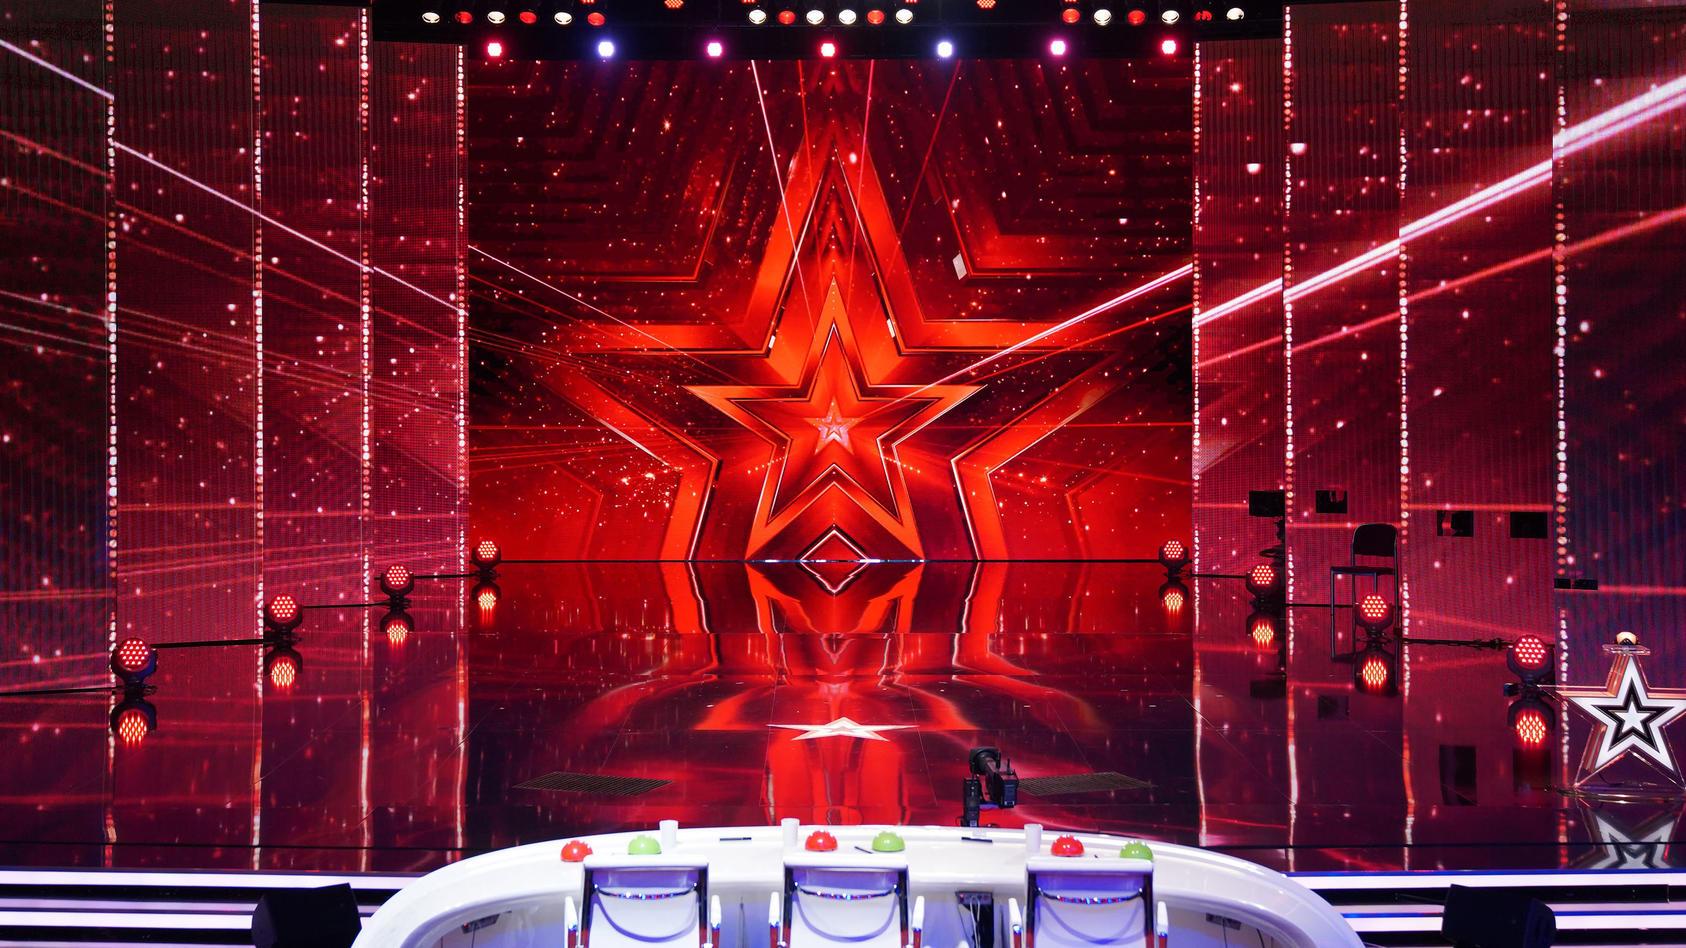 Wer möchte auf die große Supertalent-Bühne?